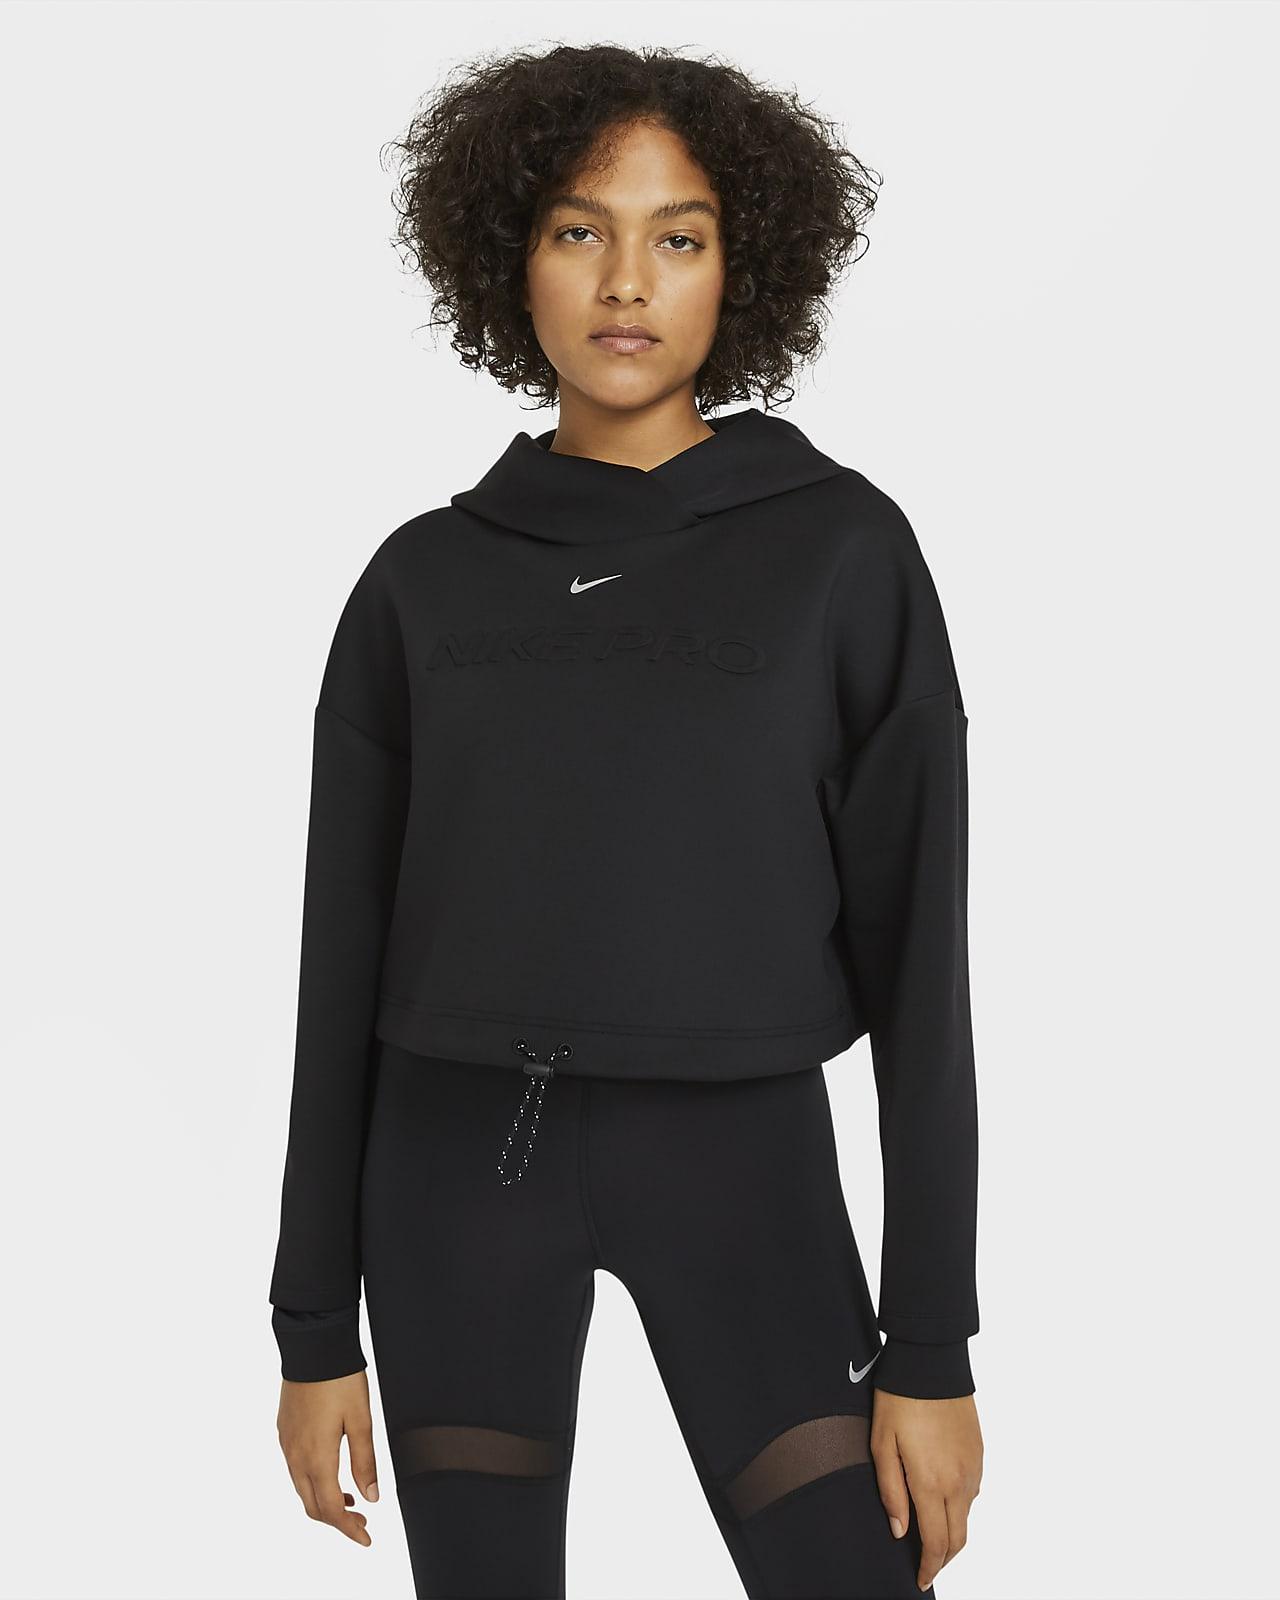 Γυναικεία μπλούζα με κουκούλα Nike Pro